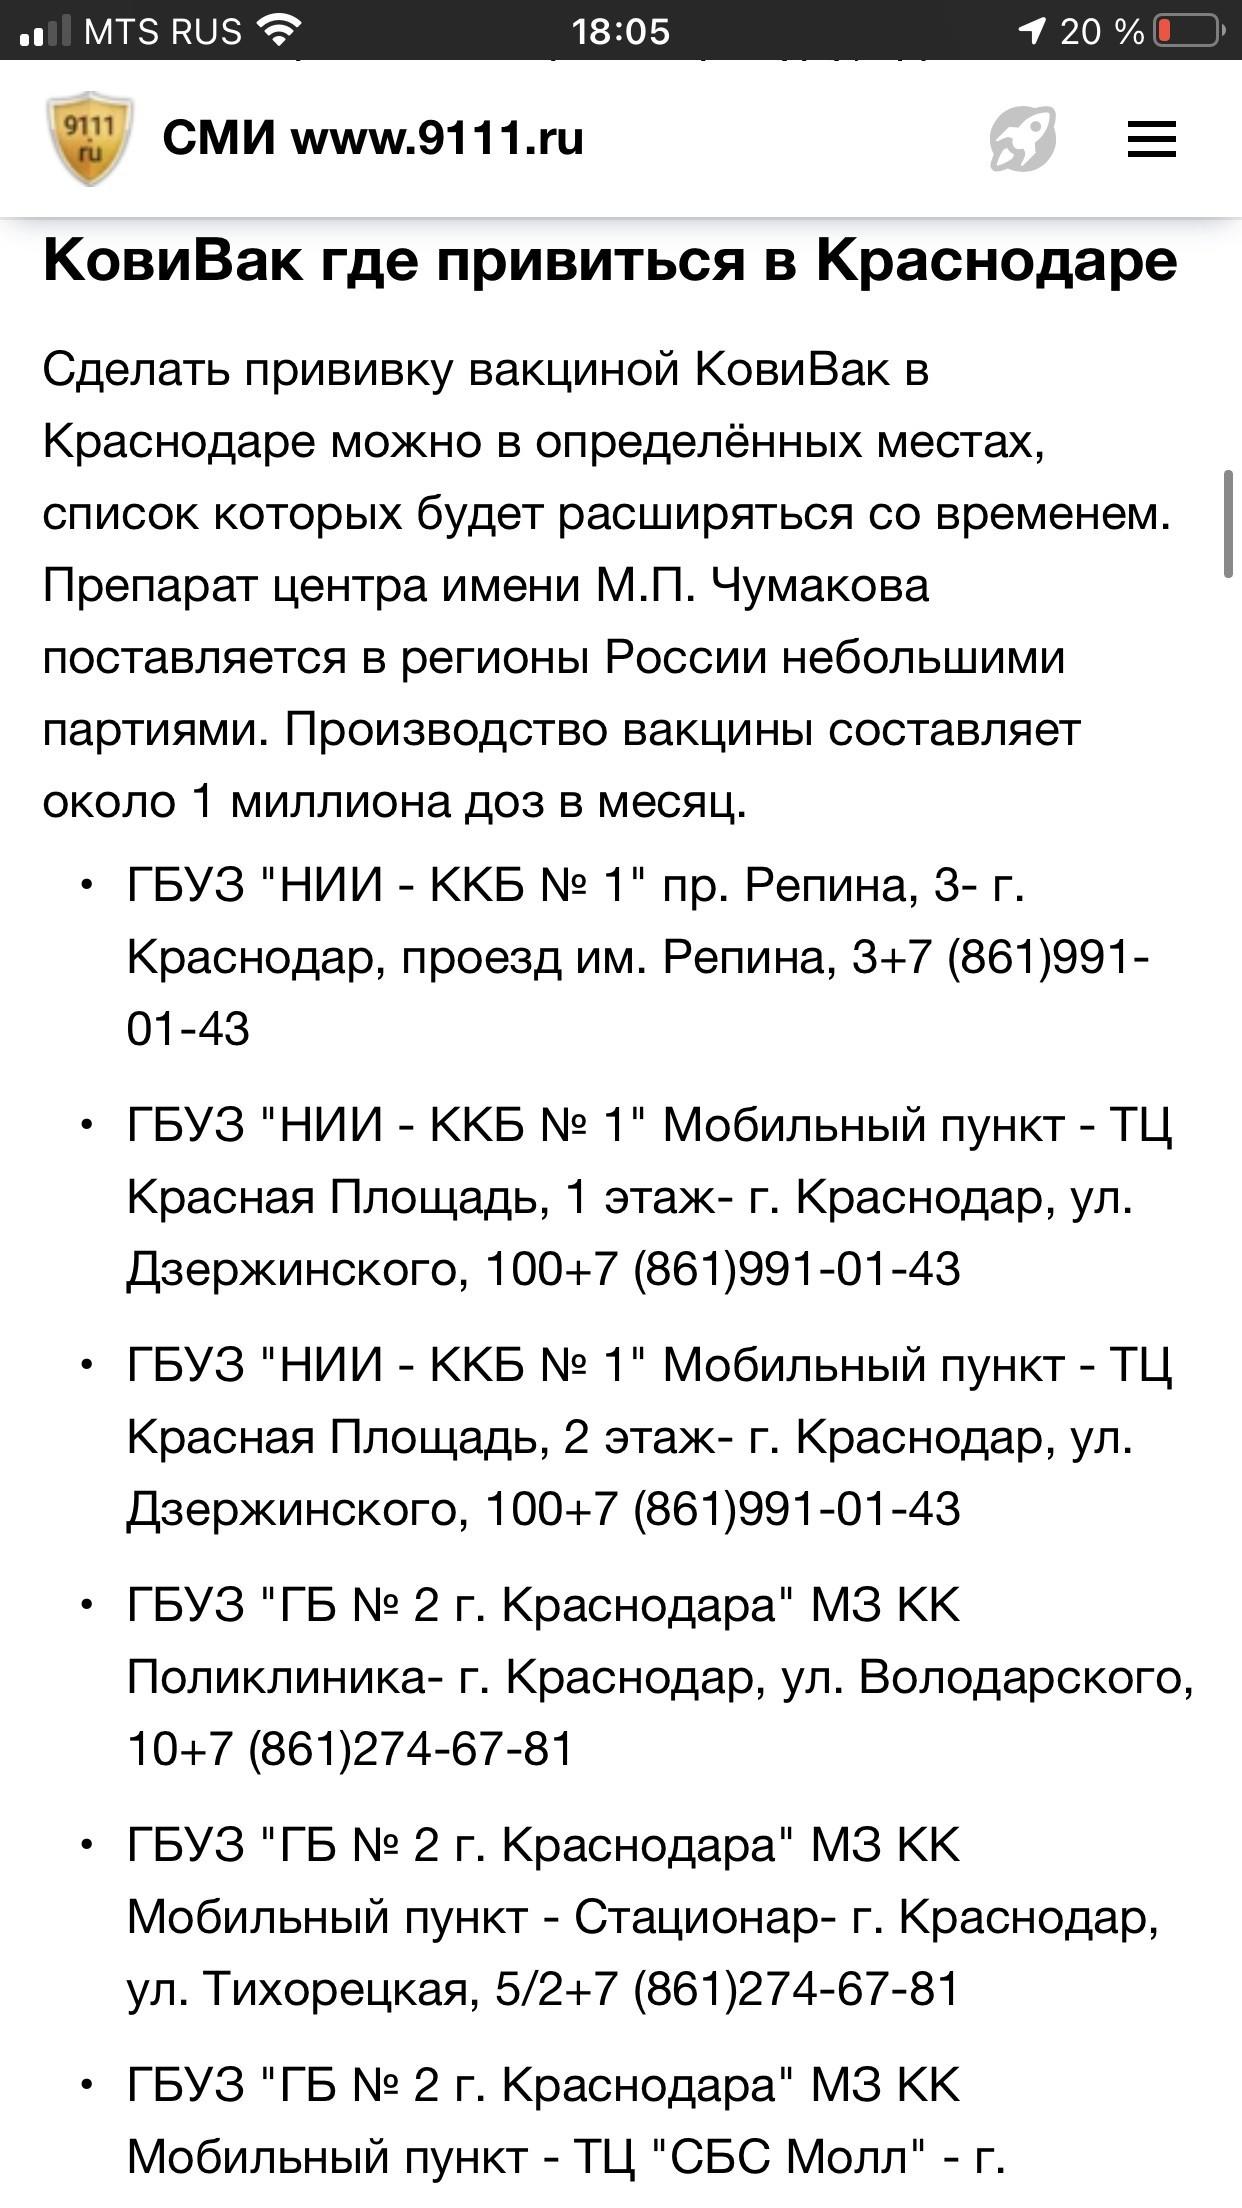 534AD3A6-A7A9-4FC9-85C4-62F729FFA0AA.jpeg